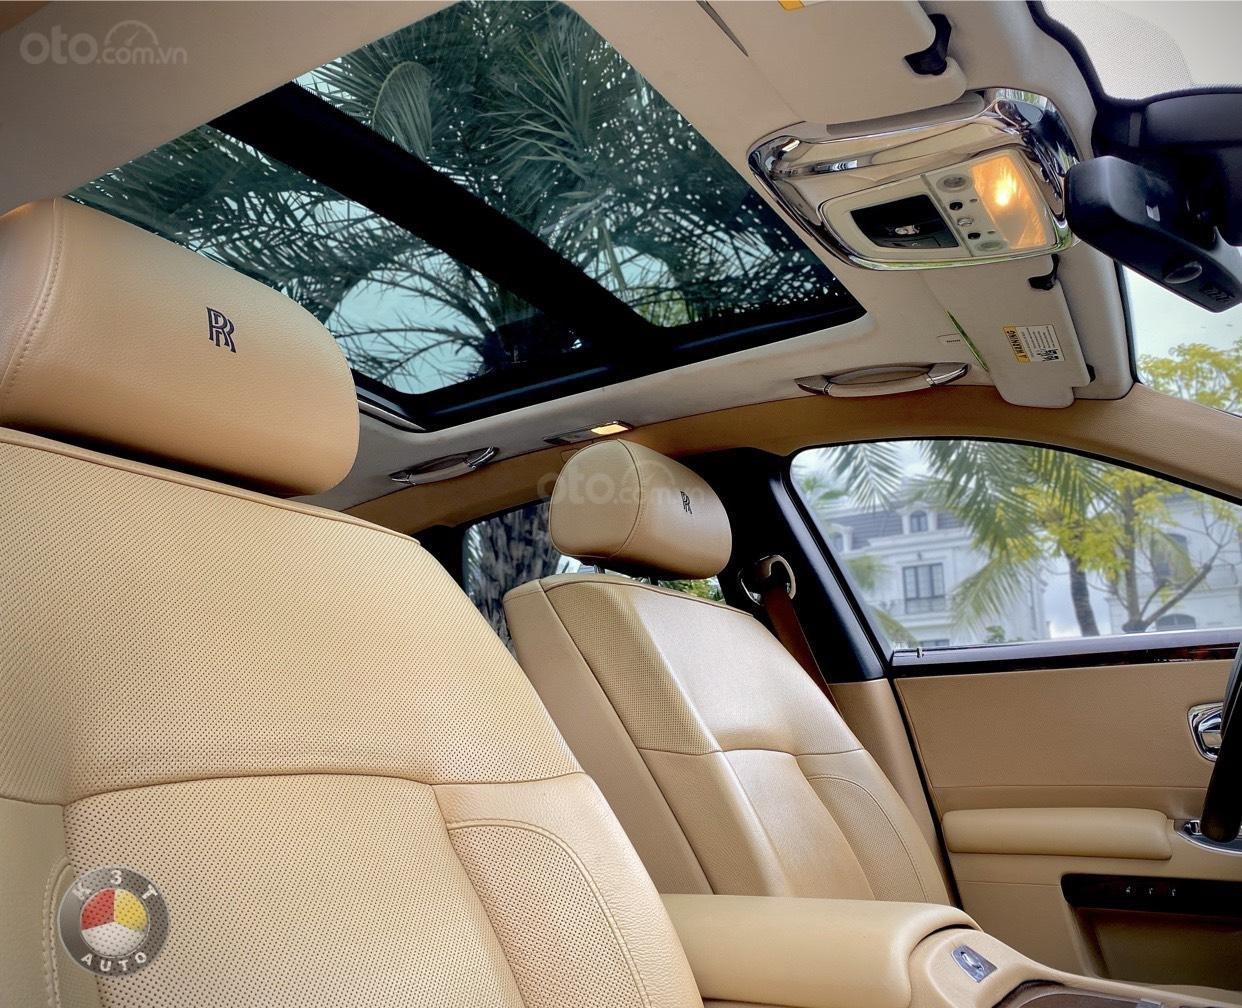 Rolls-Royce Ghost 2012 siêu phẩm mang đẳng cấp hoàng gia anh duy nhất 1 xe tại Việt Nam (12)